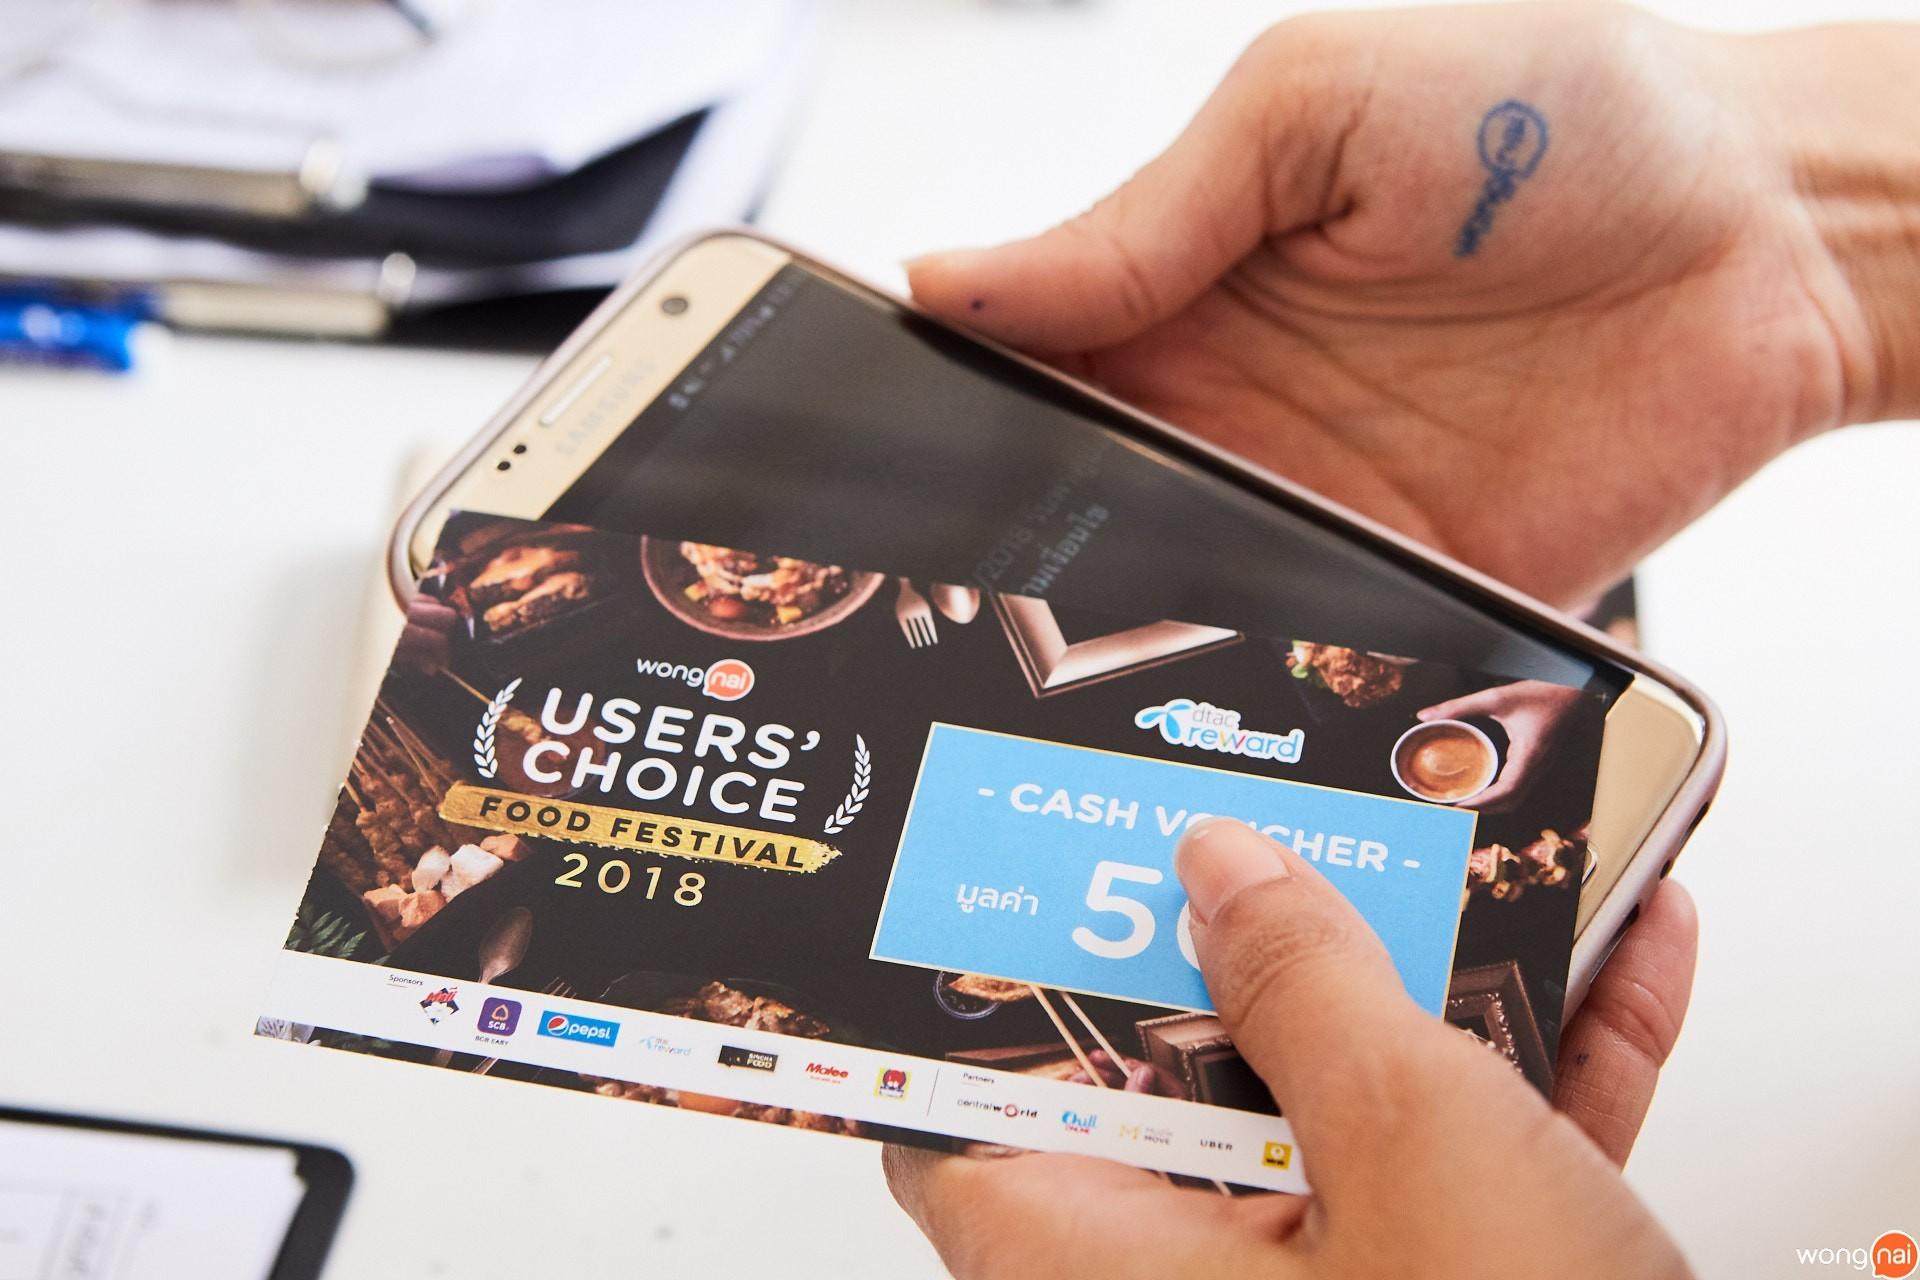 วอลเชอร์ฟรีในงาน Wongnai Users' Choice Food Festival 2018